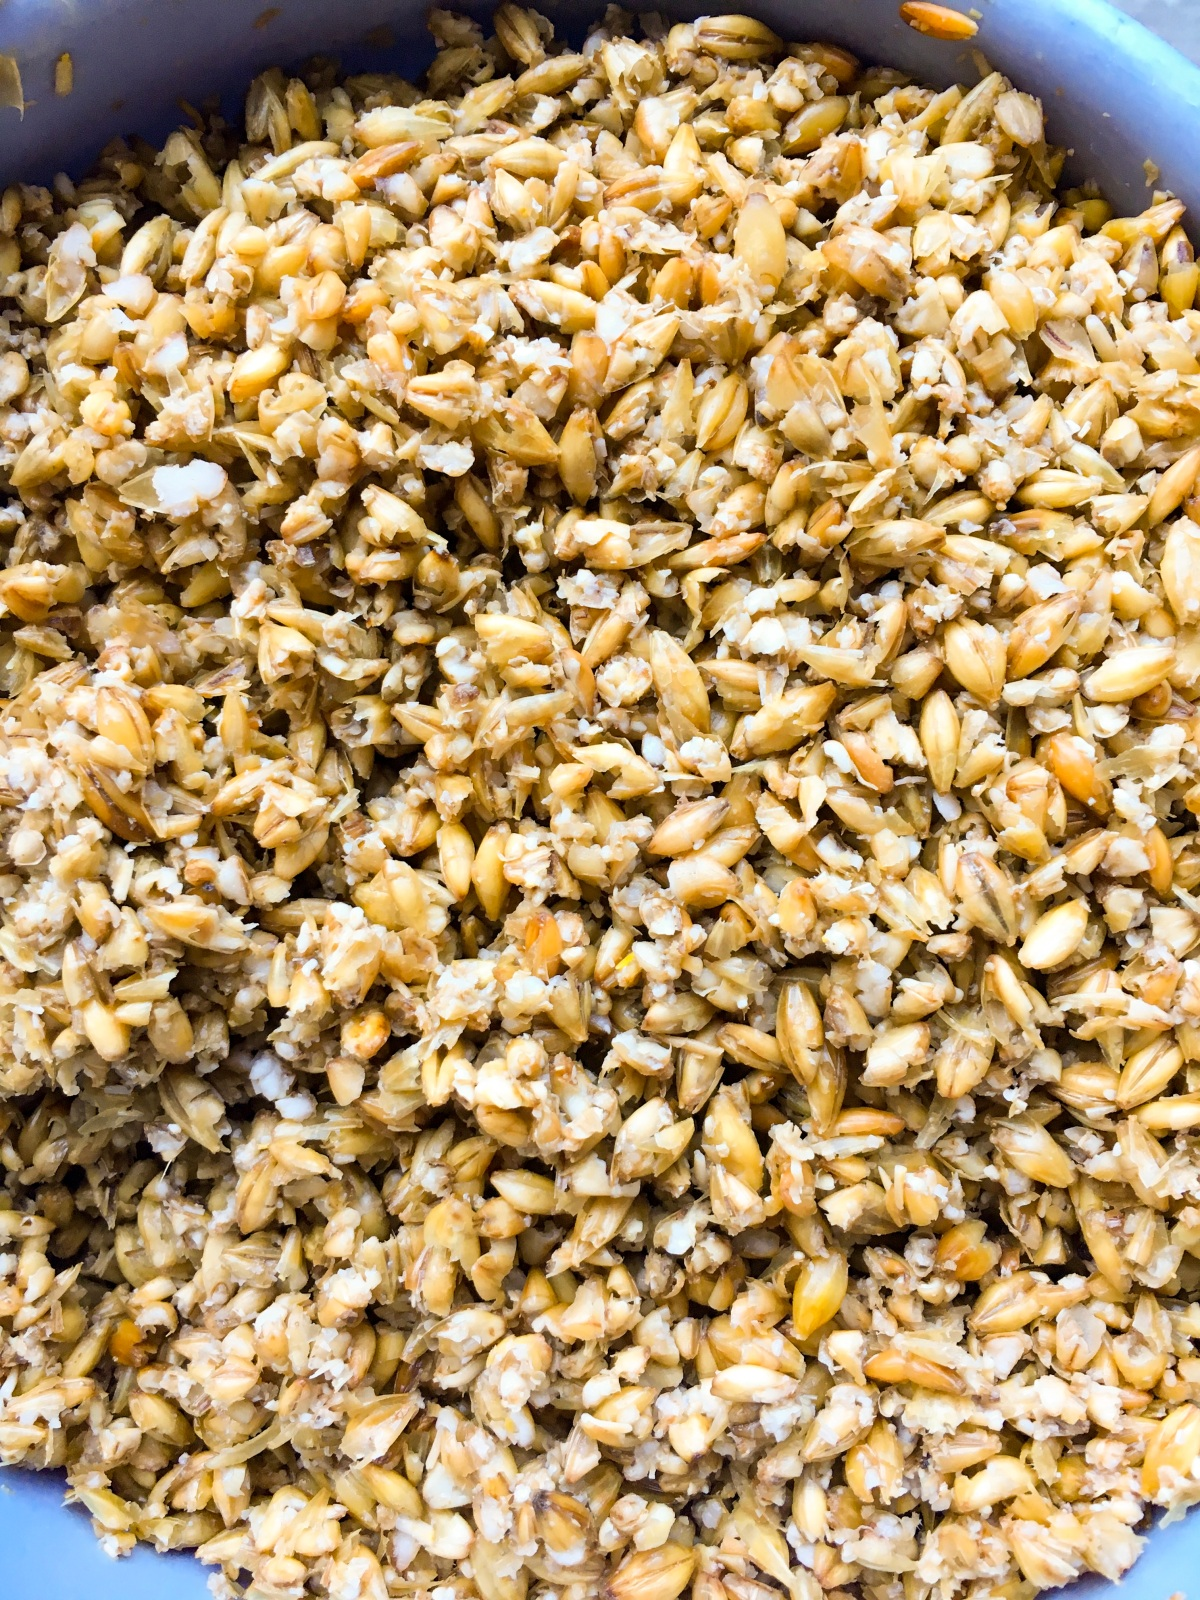 Wet Grain.jpg